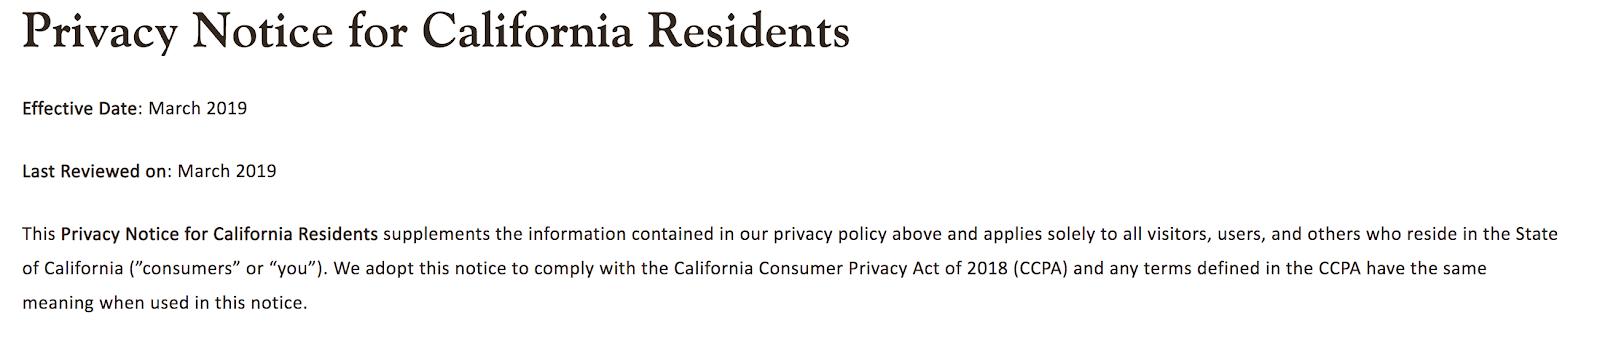 カリフォルニア州固有のプライバシー通知